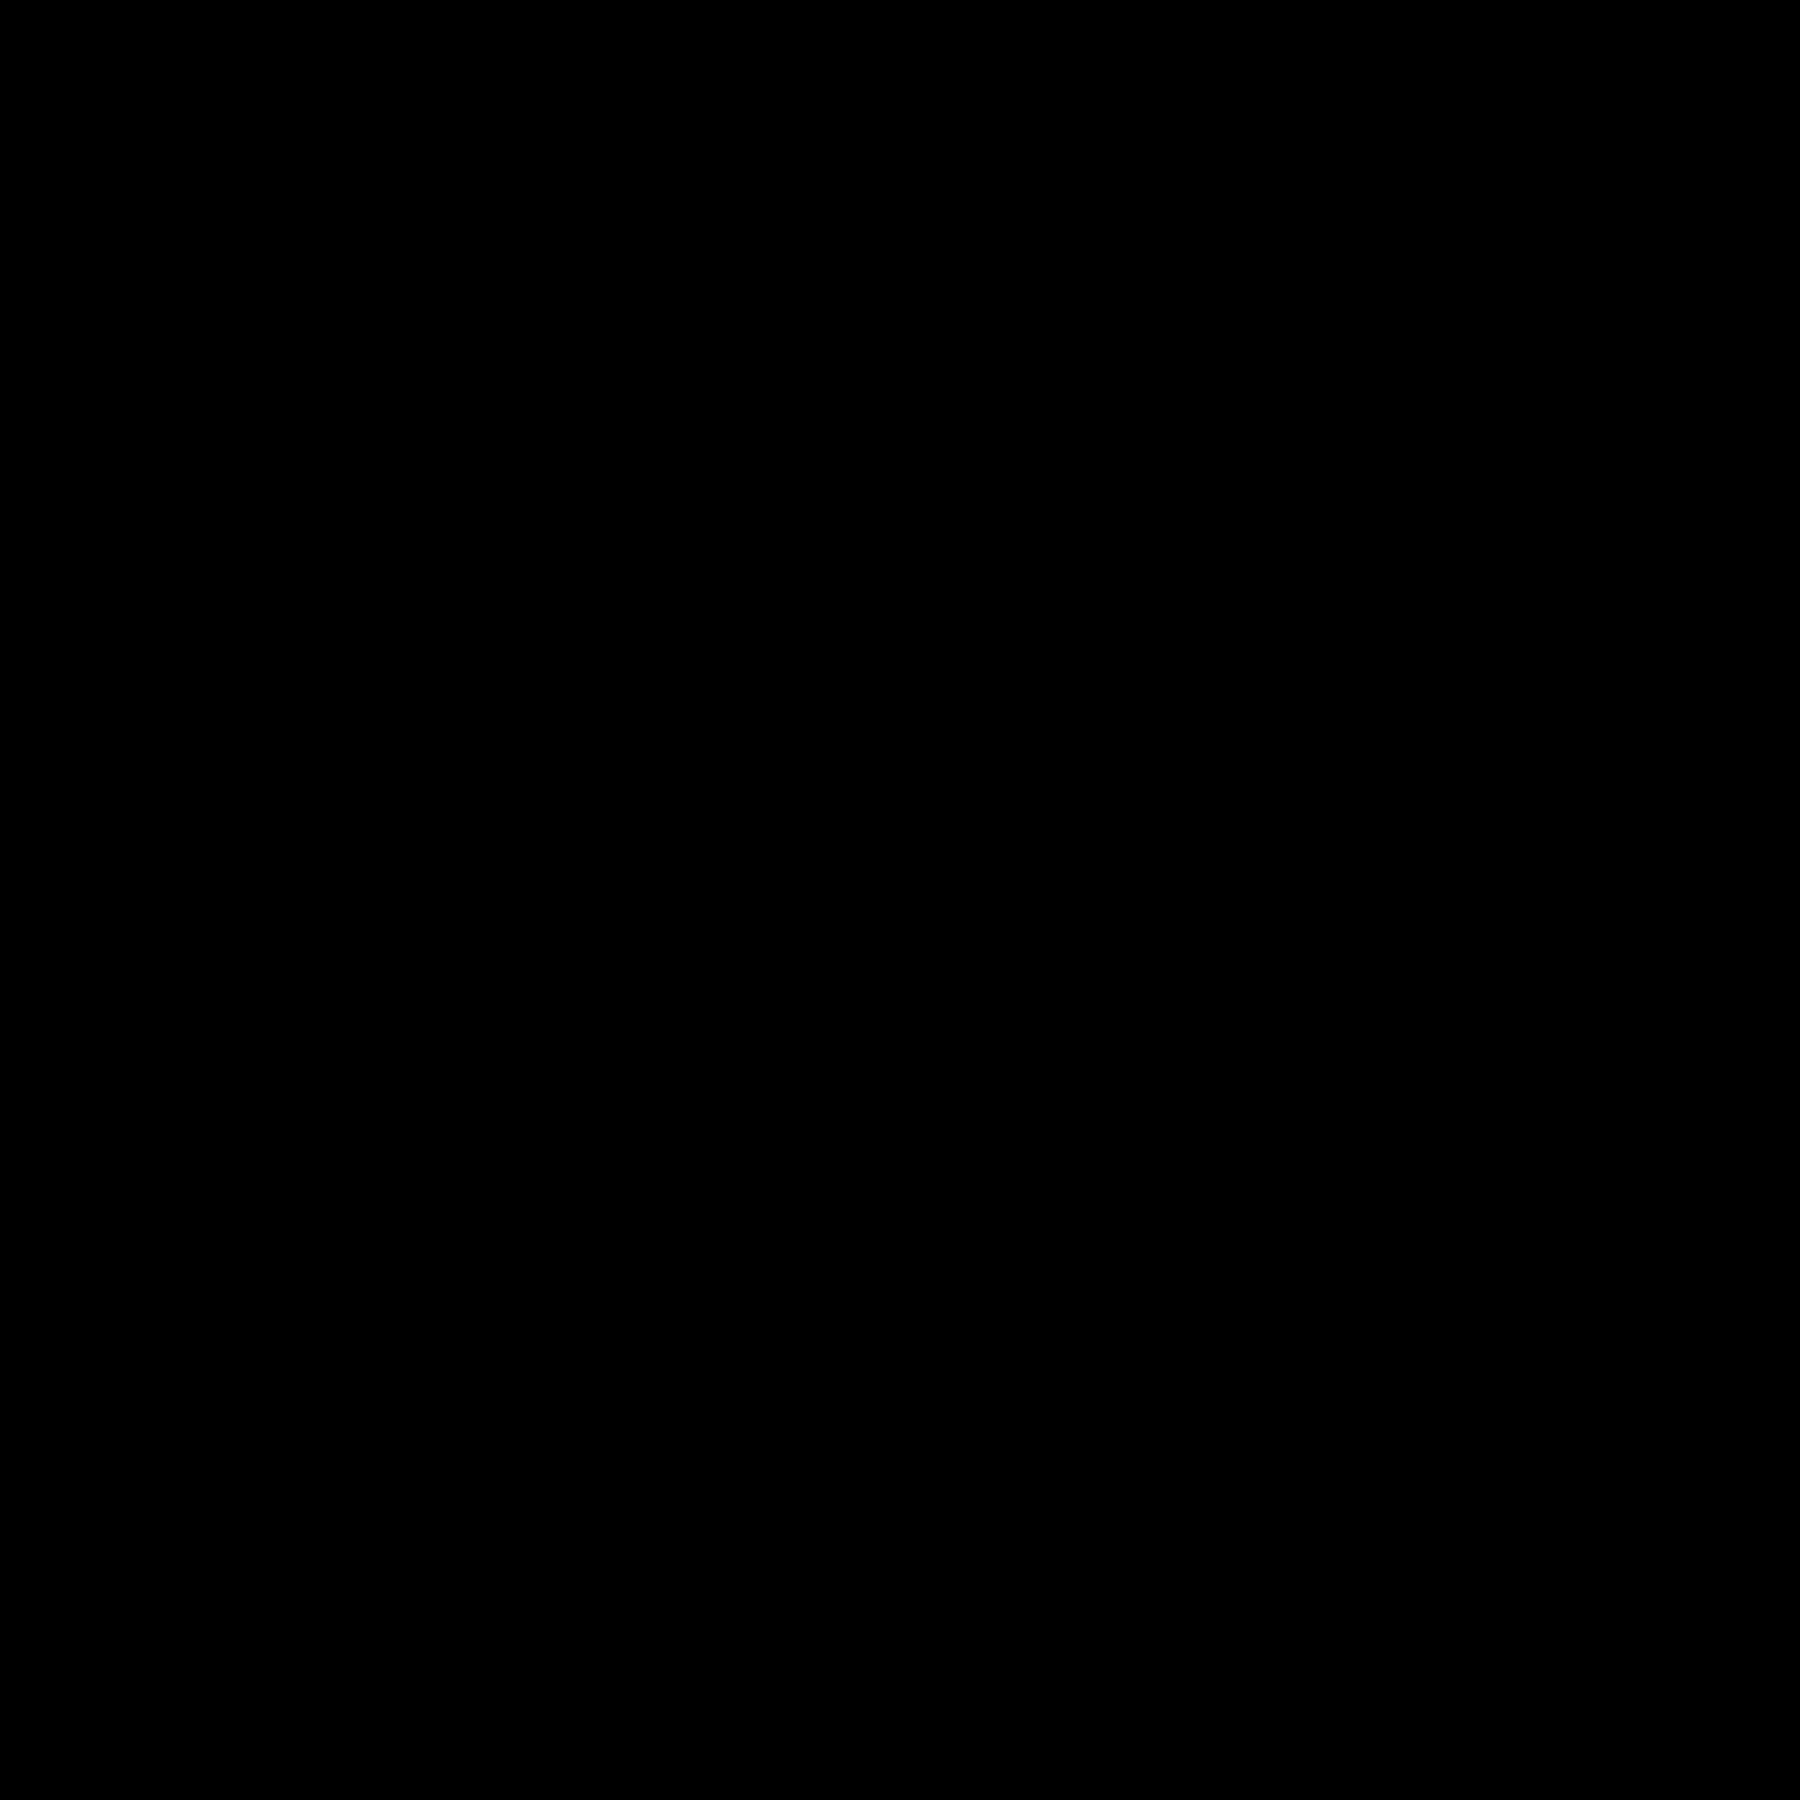 Synergy, finaliste au concours Prestige 1897 de l'APECQ